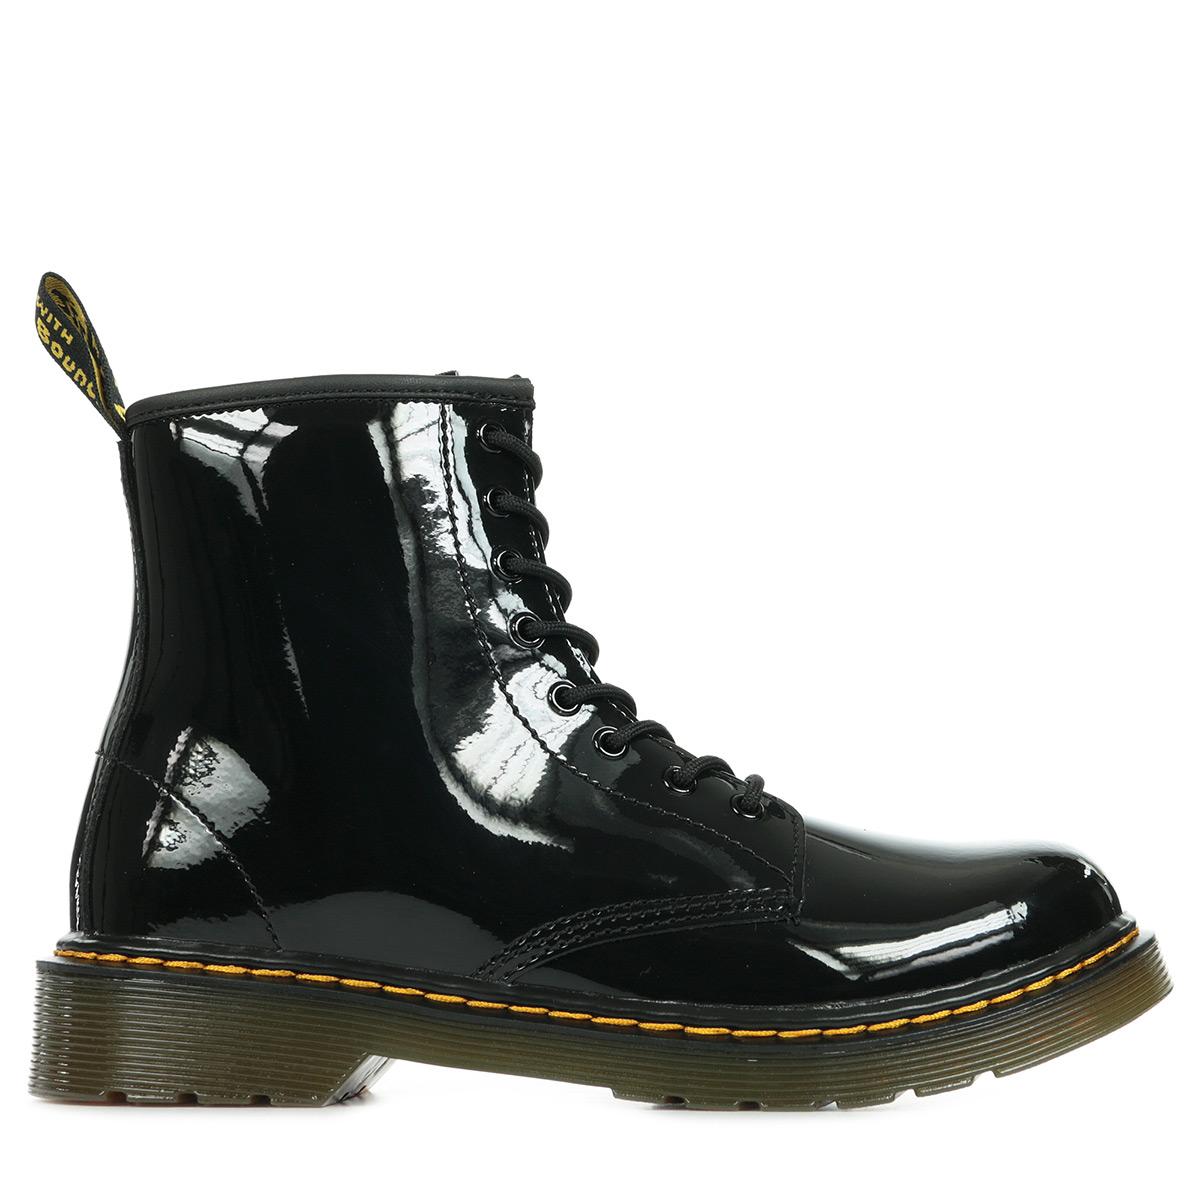 Guide De Chaussures Des Tailles DrMartens QCrtshdx